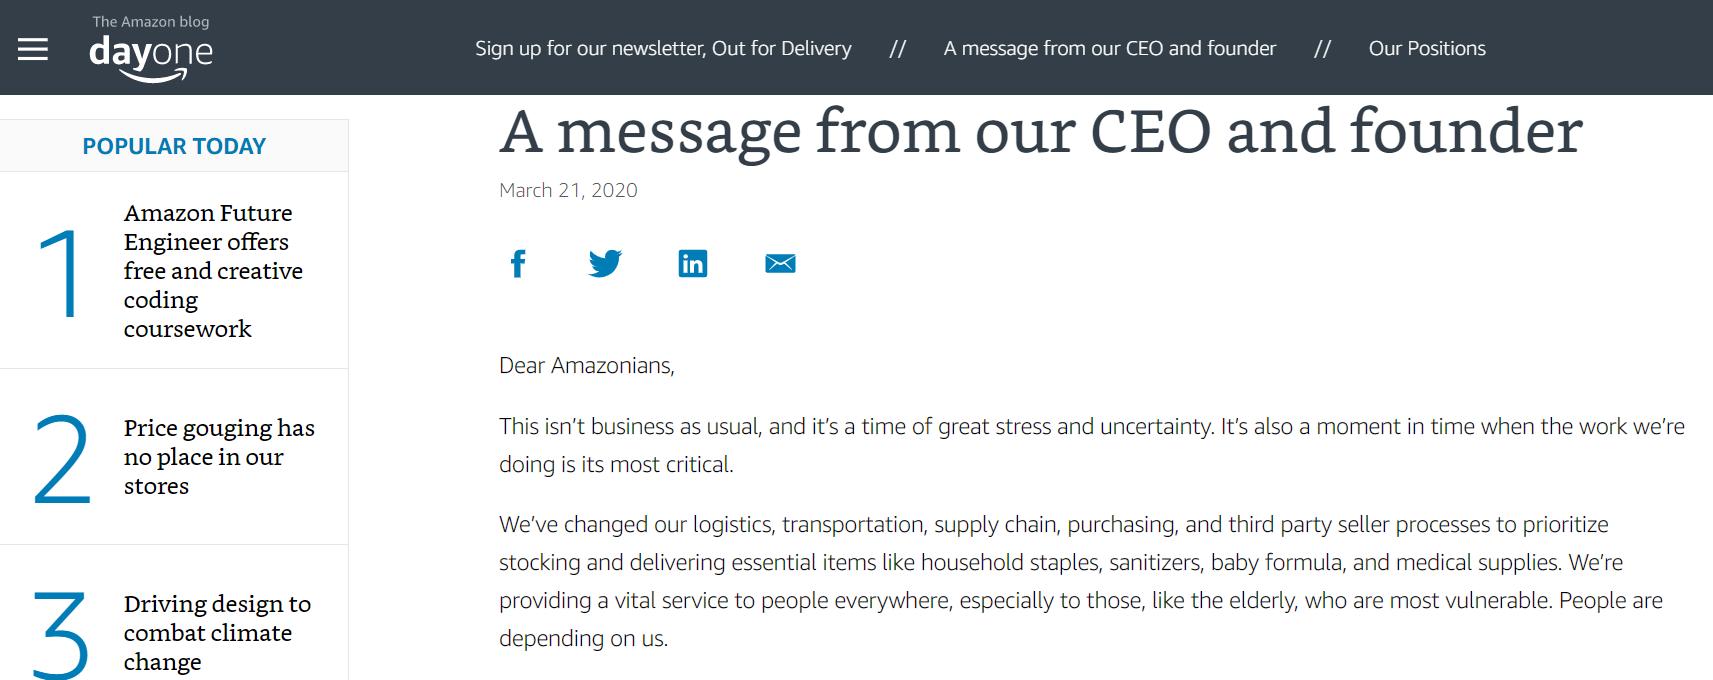 Сообщение от основателя Amazon своим сотрудникам в связи с карантином